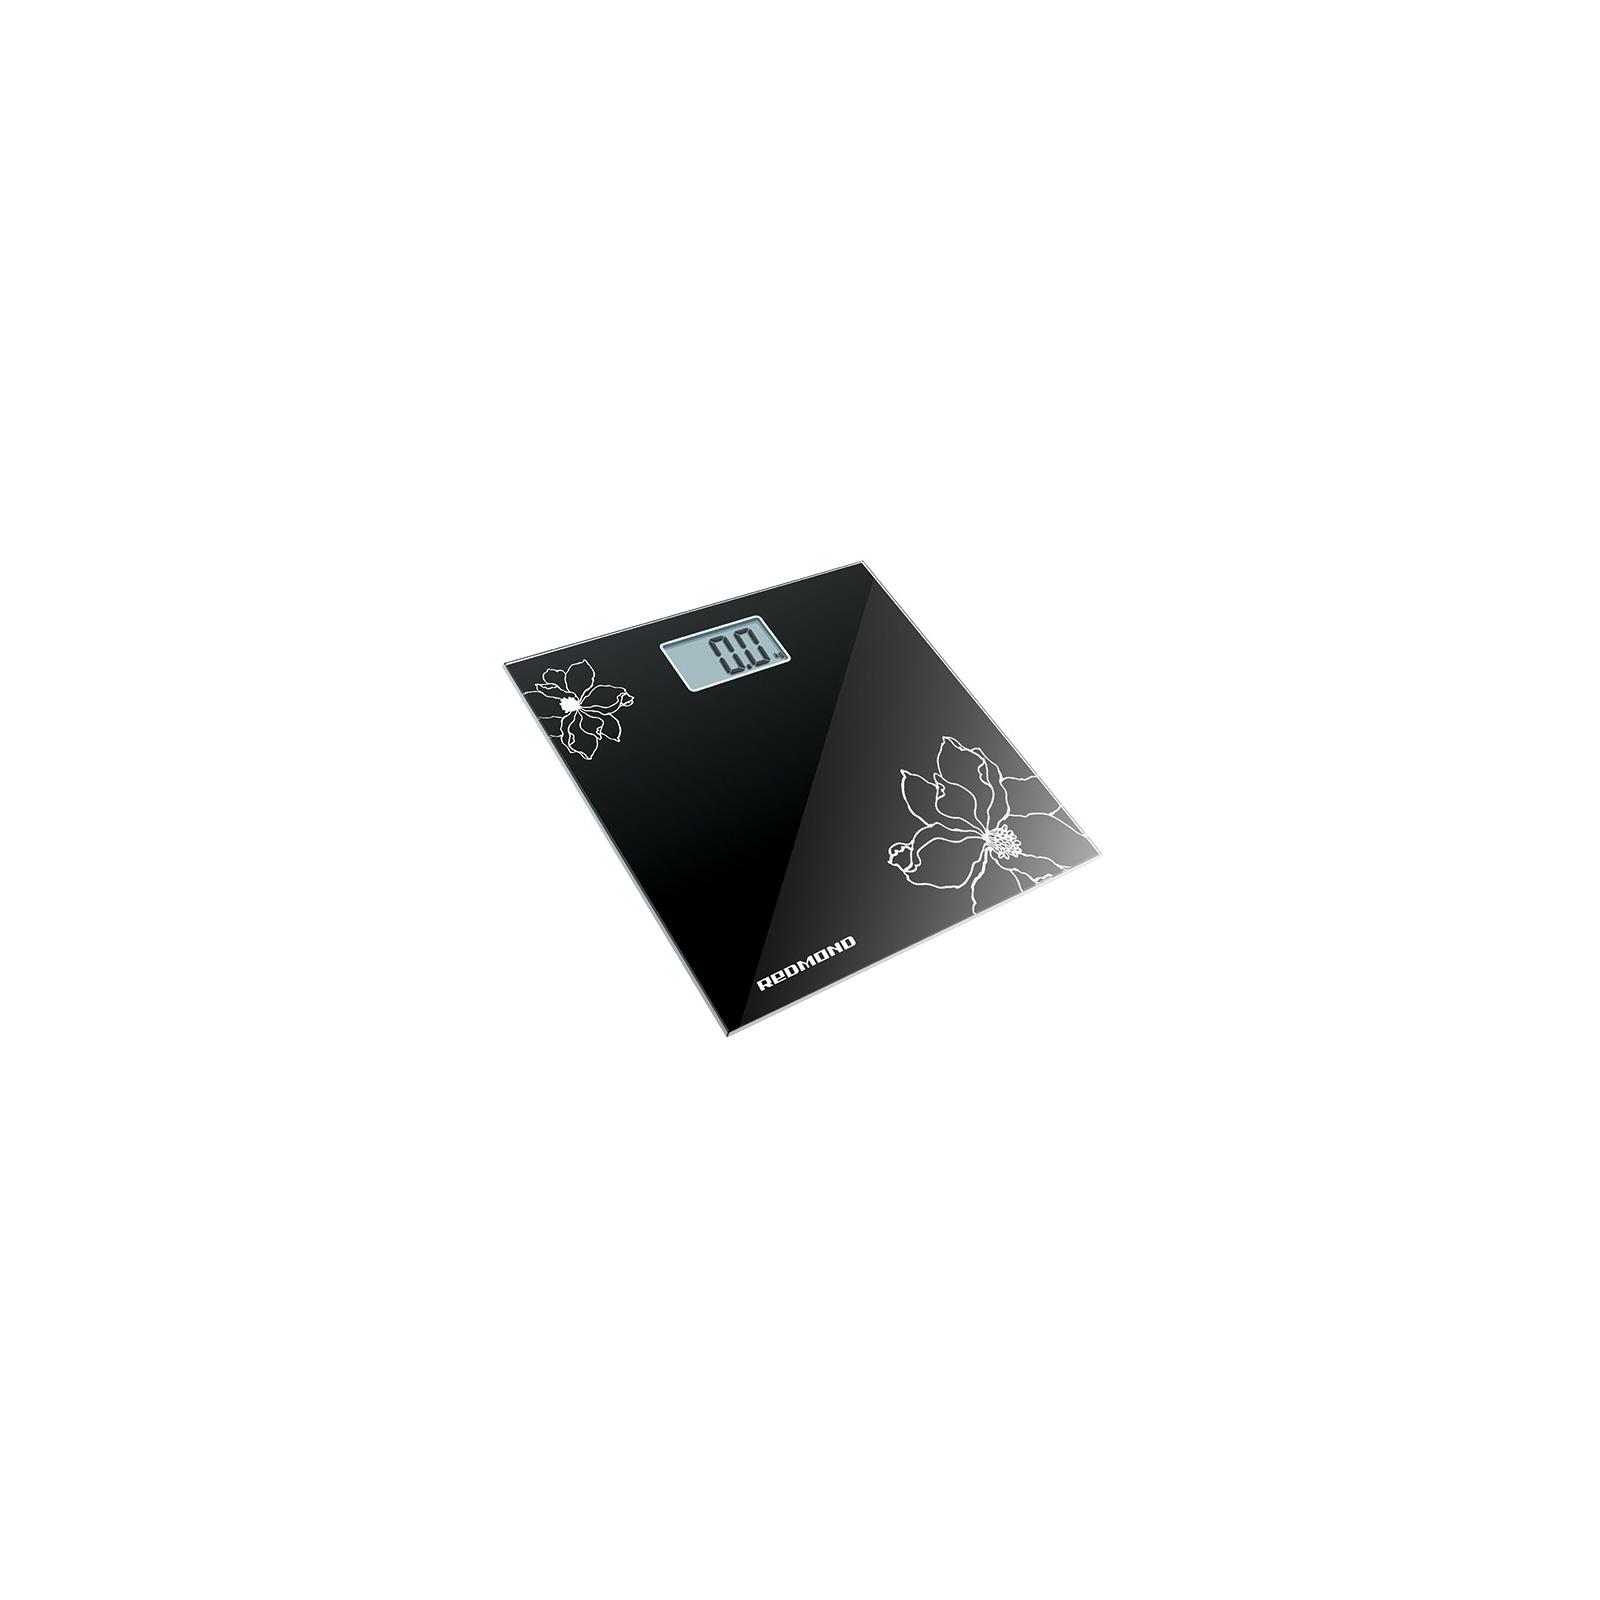 Весы напольные REDMOND RS-708 black